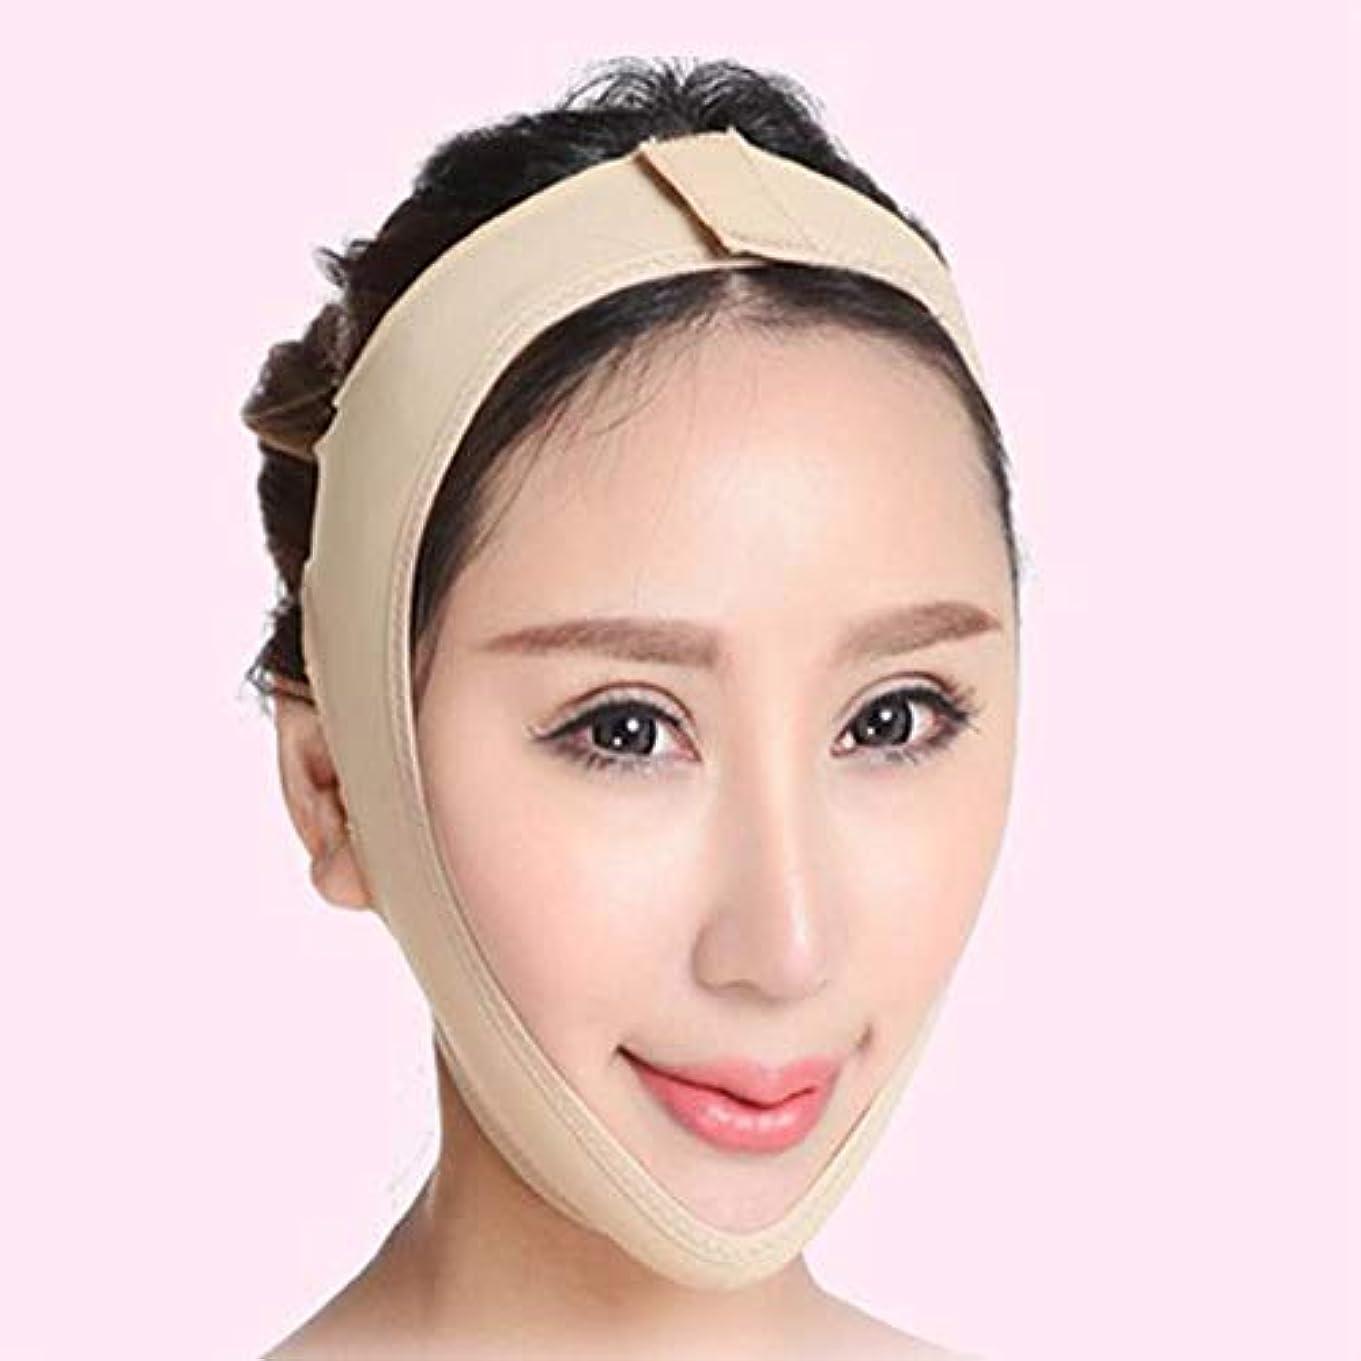 ブレイズリンケージアフリカMR 小顔マスク リフトアップ マスク フェイスラインシャープ メンズ レディース Sサイズ MR-AZD15003-S